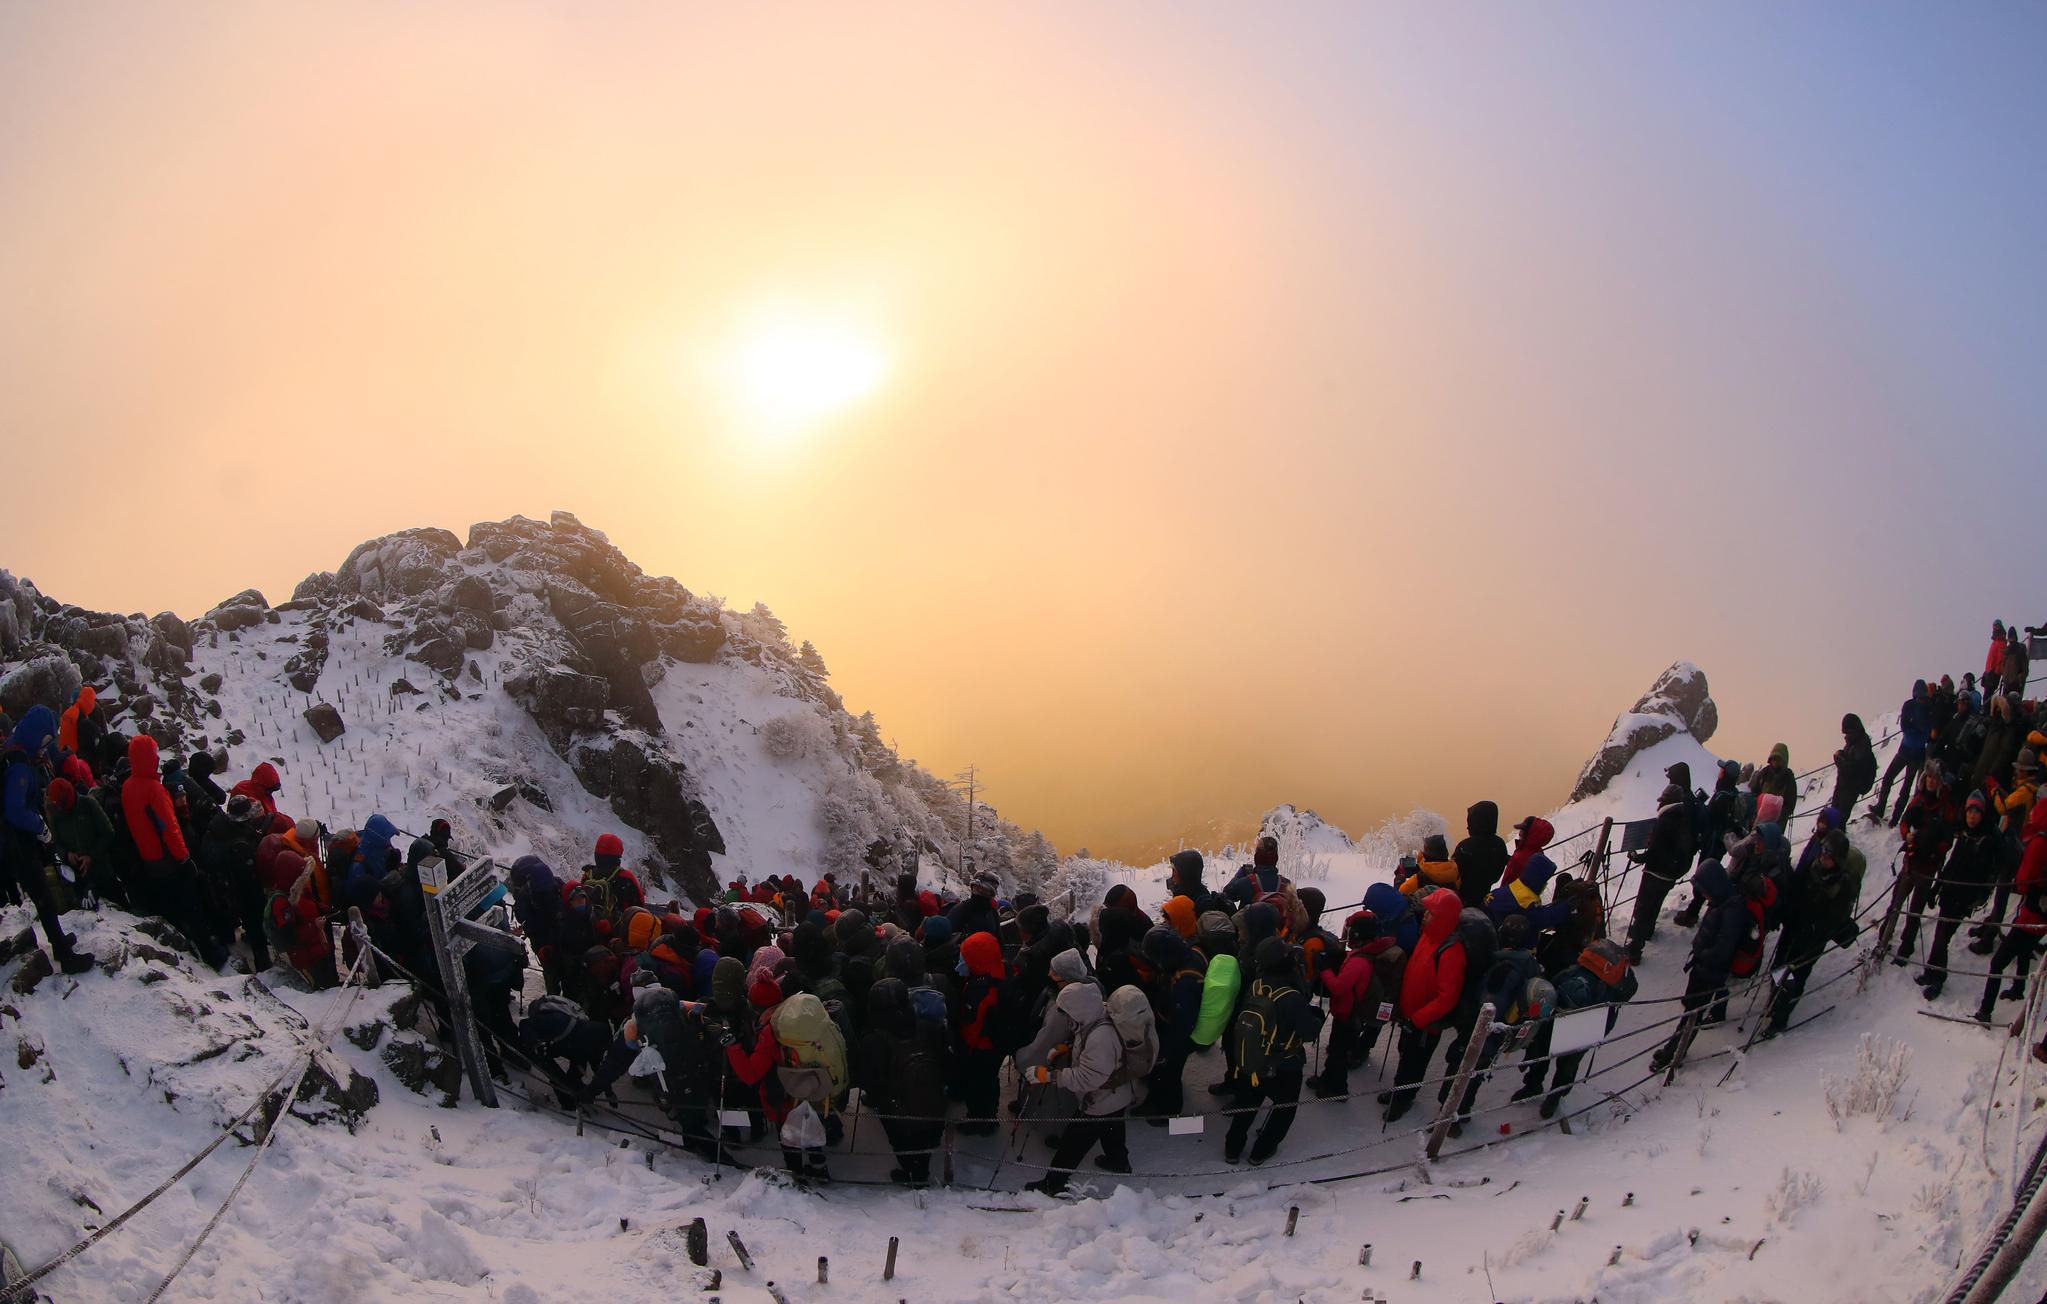 2018 무술년 새해 첫 날인 1일 오전 지리산 천왕봉 정상에서 탐방객들이 새해 첫 일출을 맞이하고 있다. [사진 함양군청]